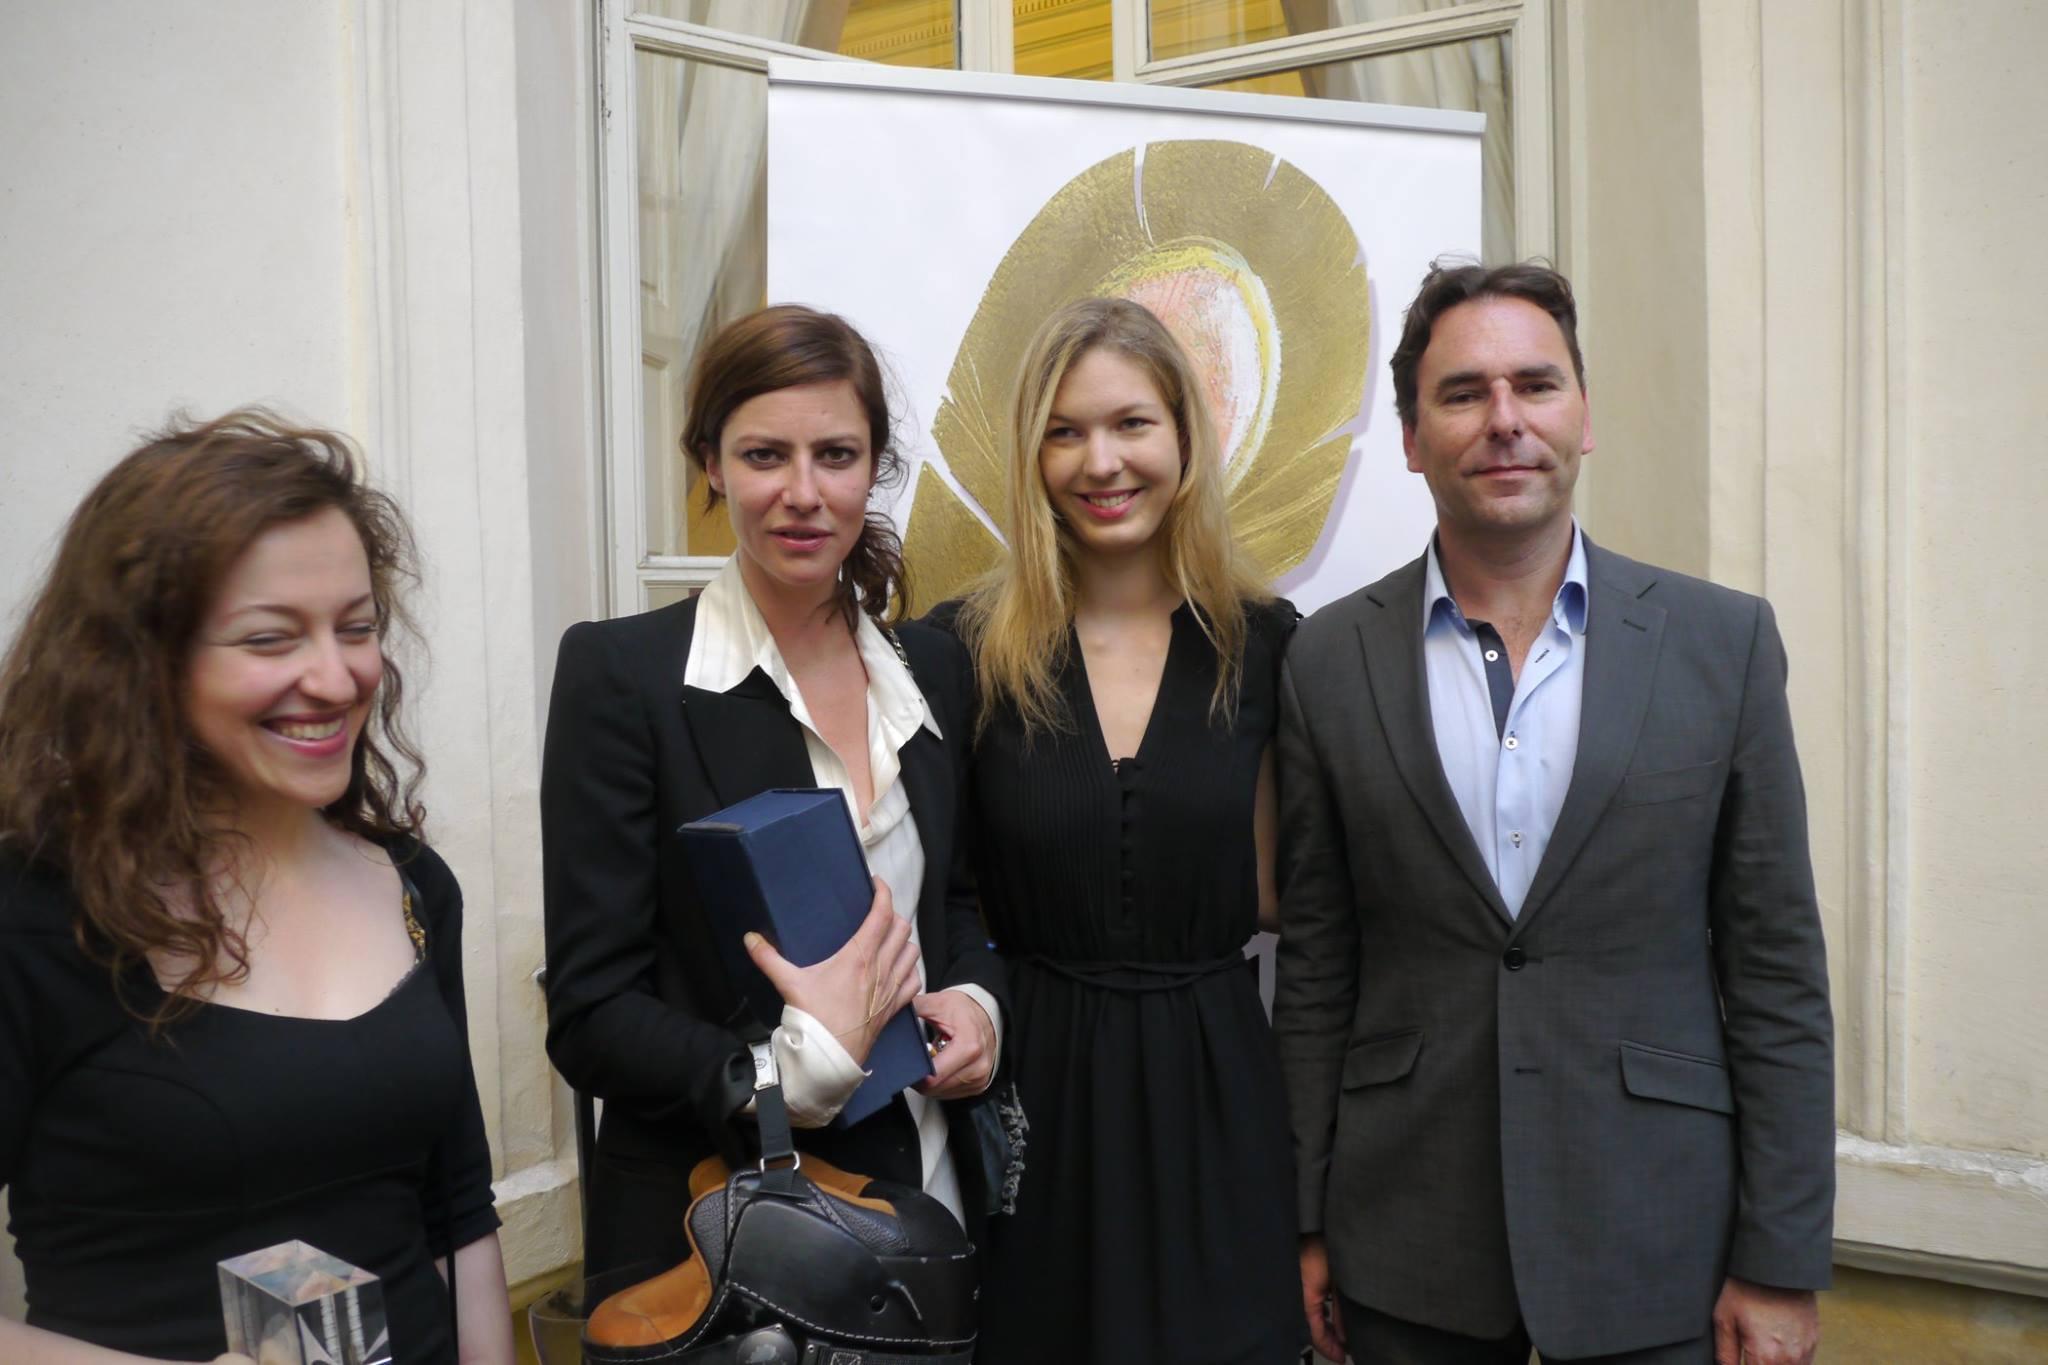 photo Muses and actresses Guila Clara Kessous, Anna Mouglalis, Melissa Mourer Ordener & Christophe Rioux attend 5th Grand Prix du Livre Audio telechargement gratuit